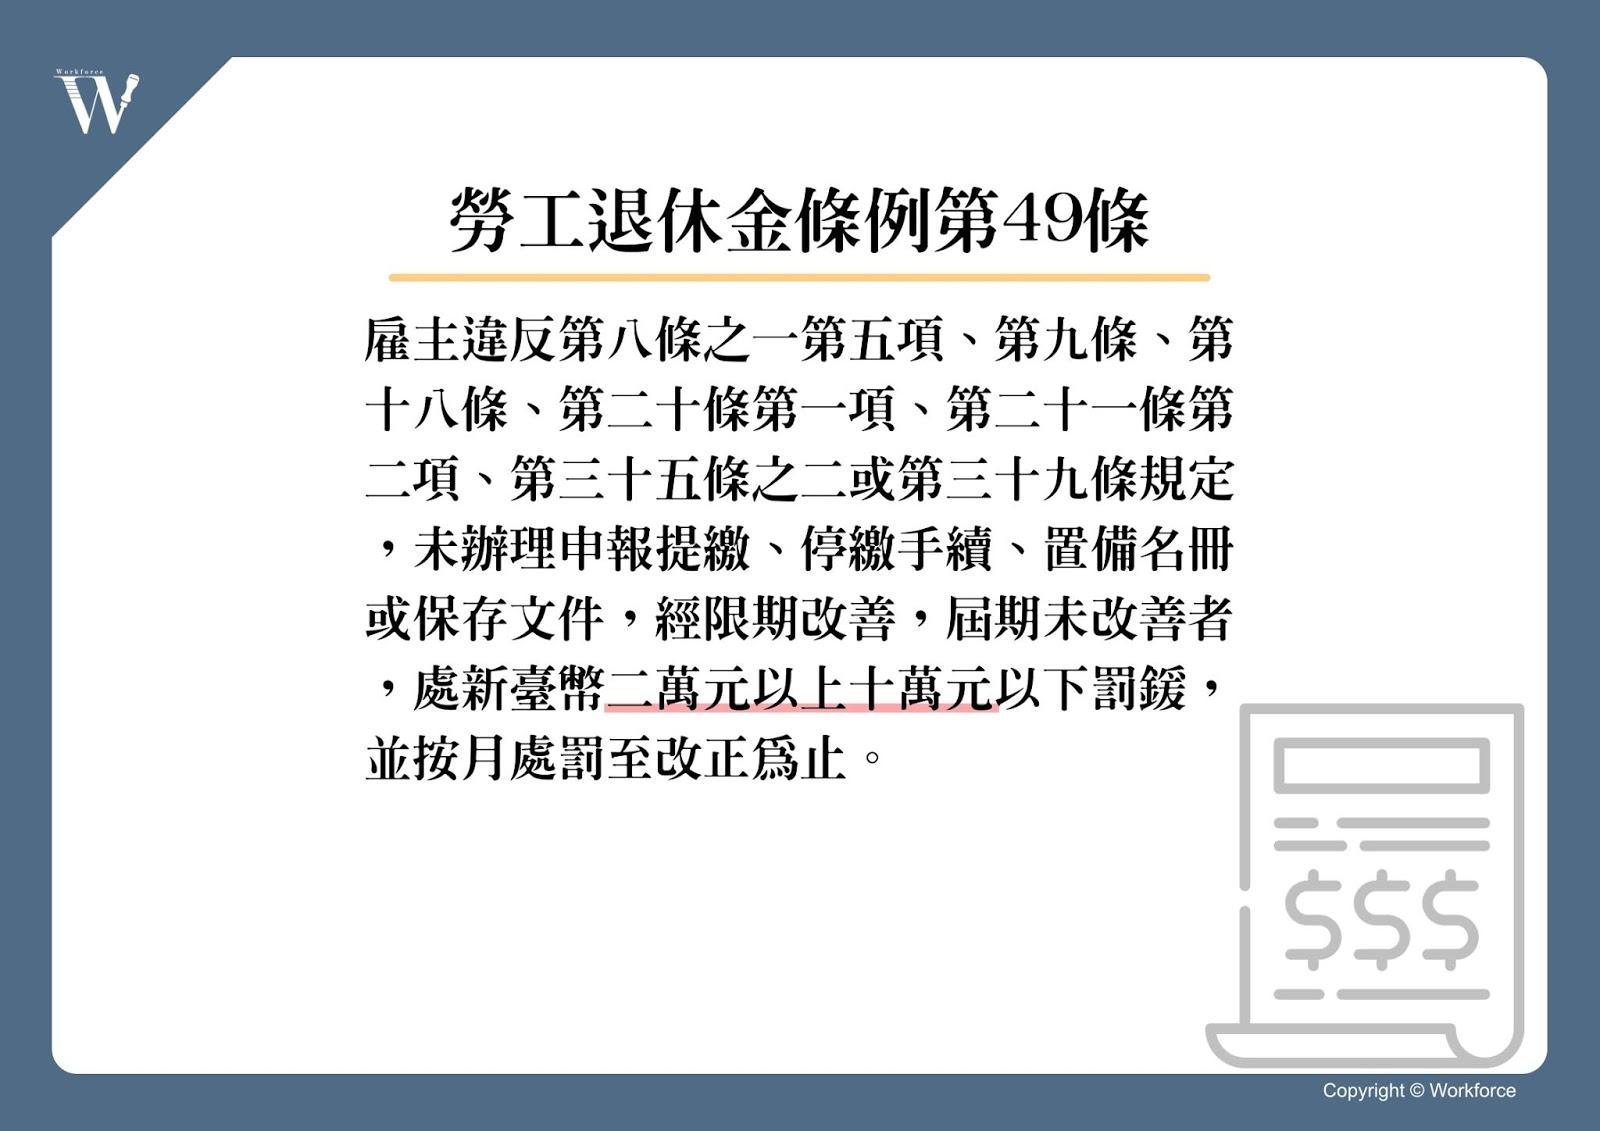 勞工退休金條例第49條